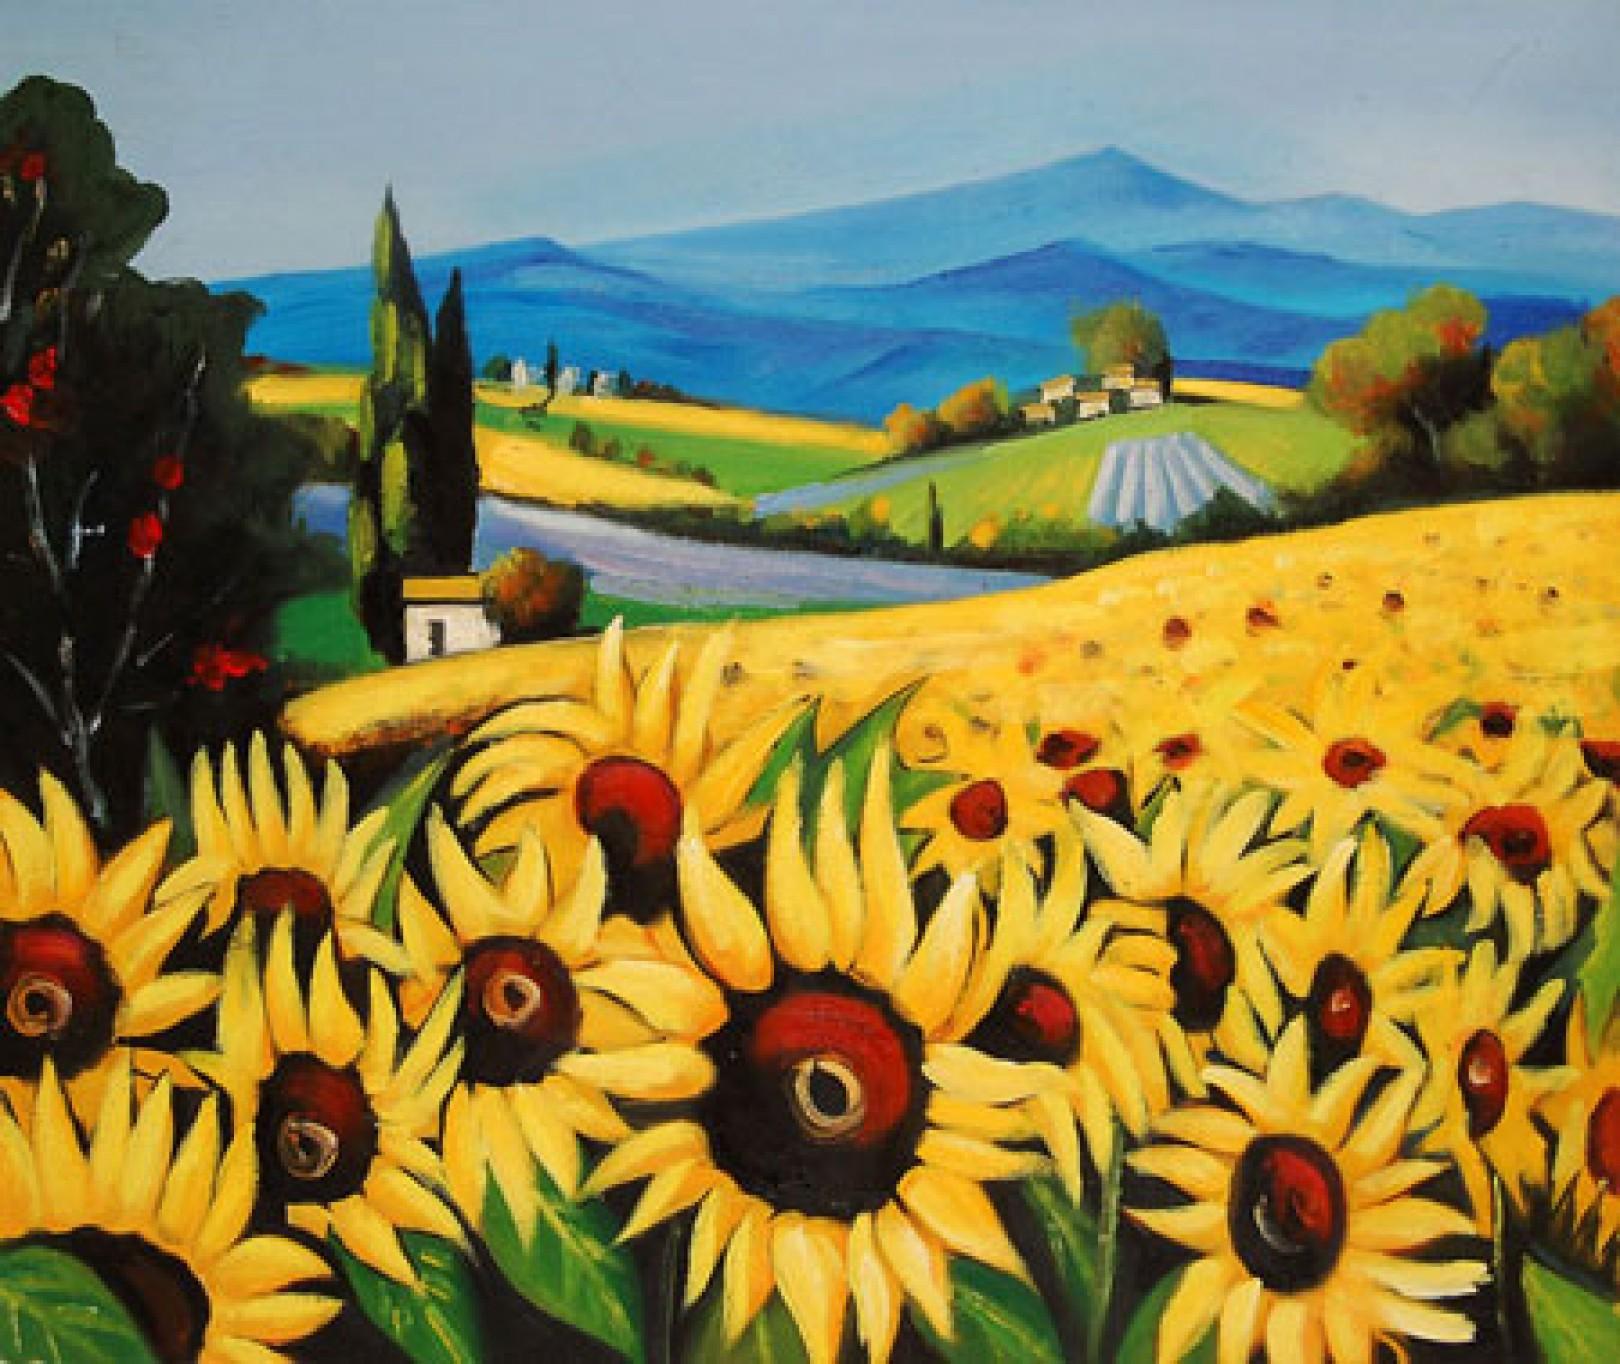 Quadro Girasoli di Autore Sconosciuto - Paesaggi Impressionisti ...